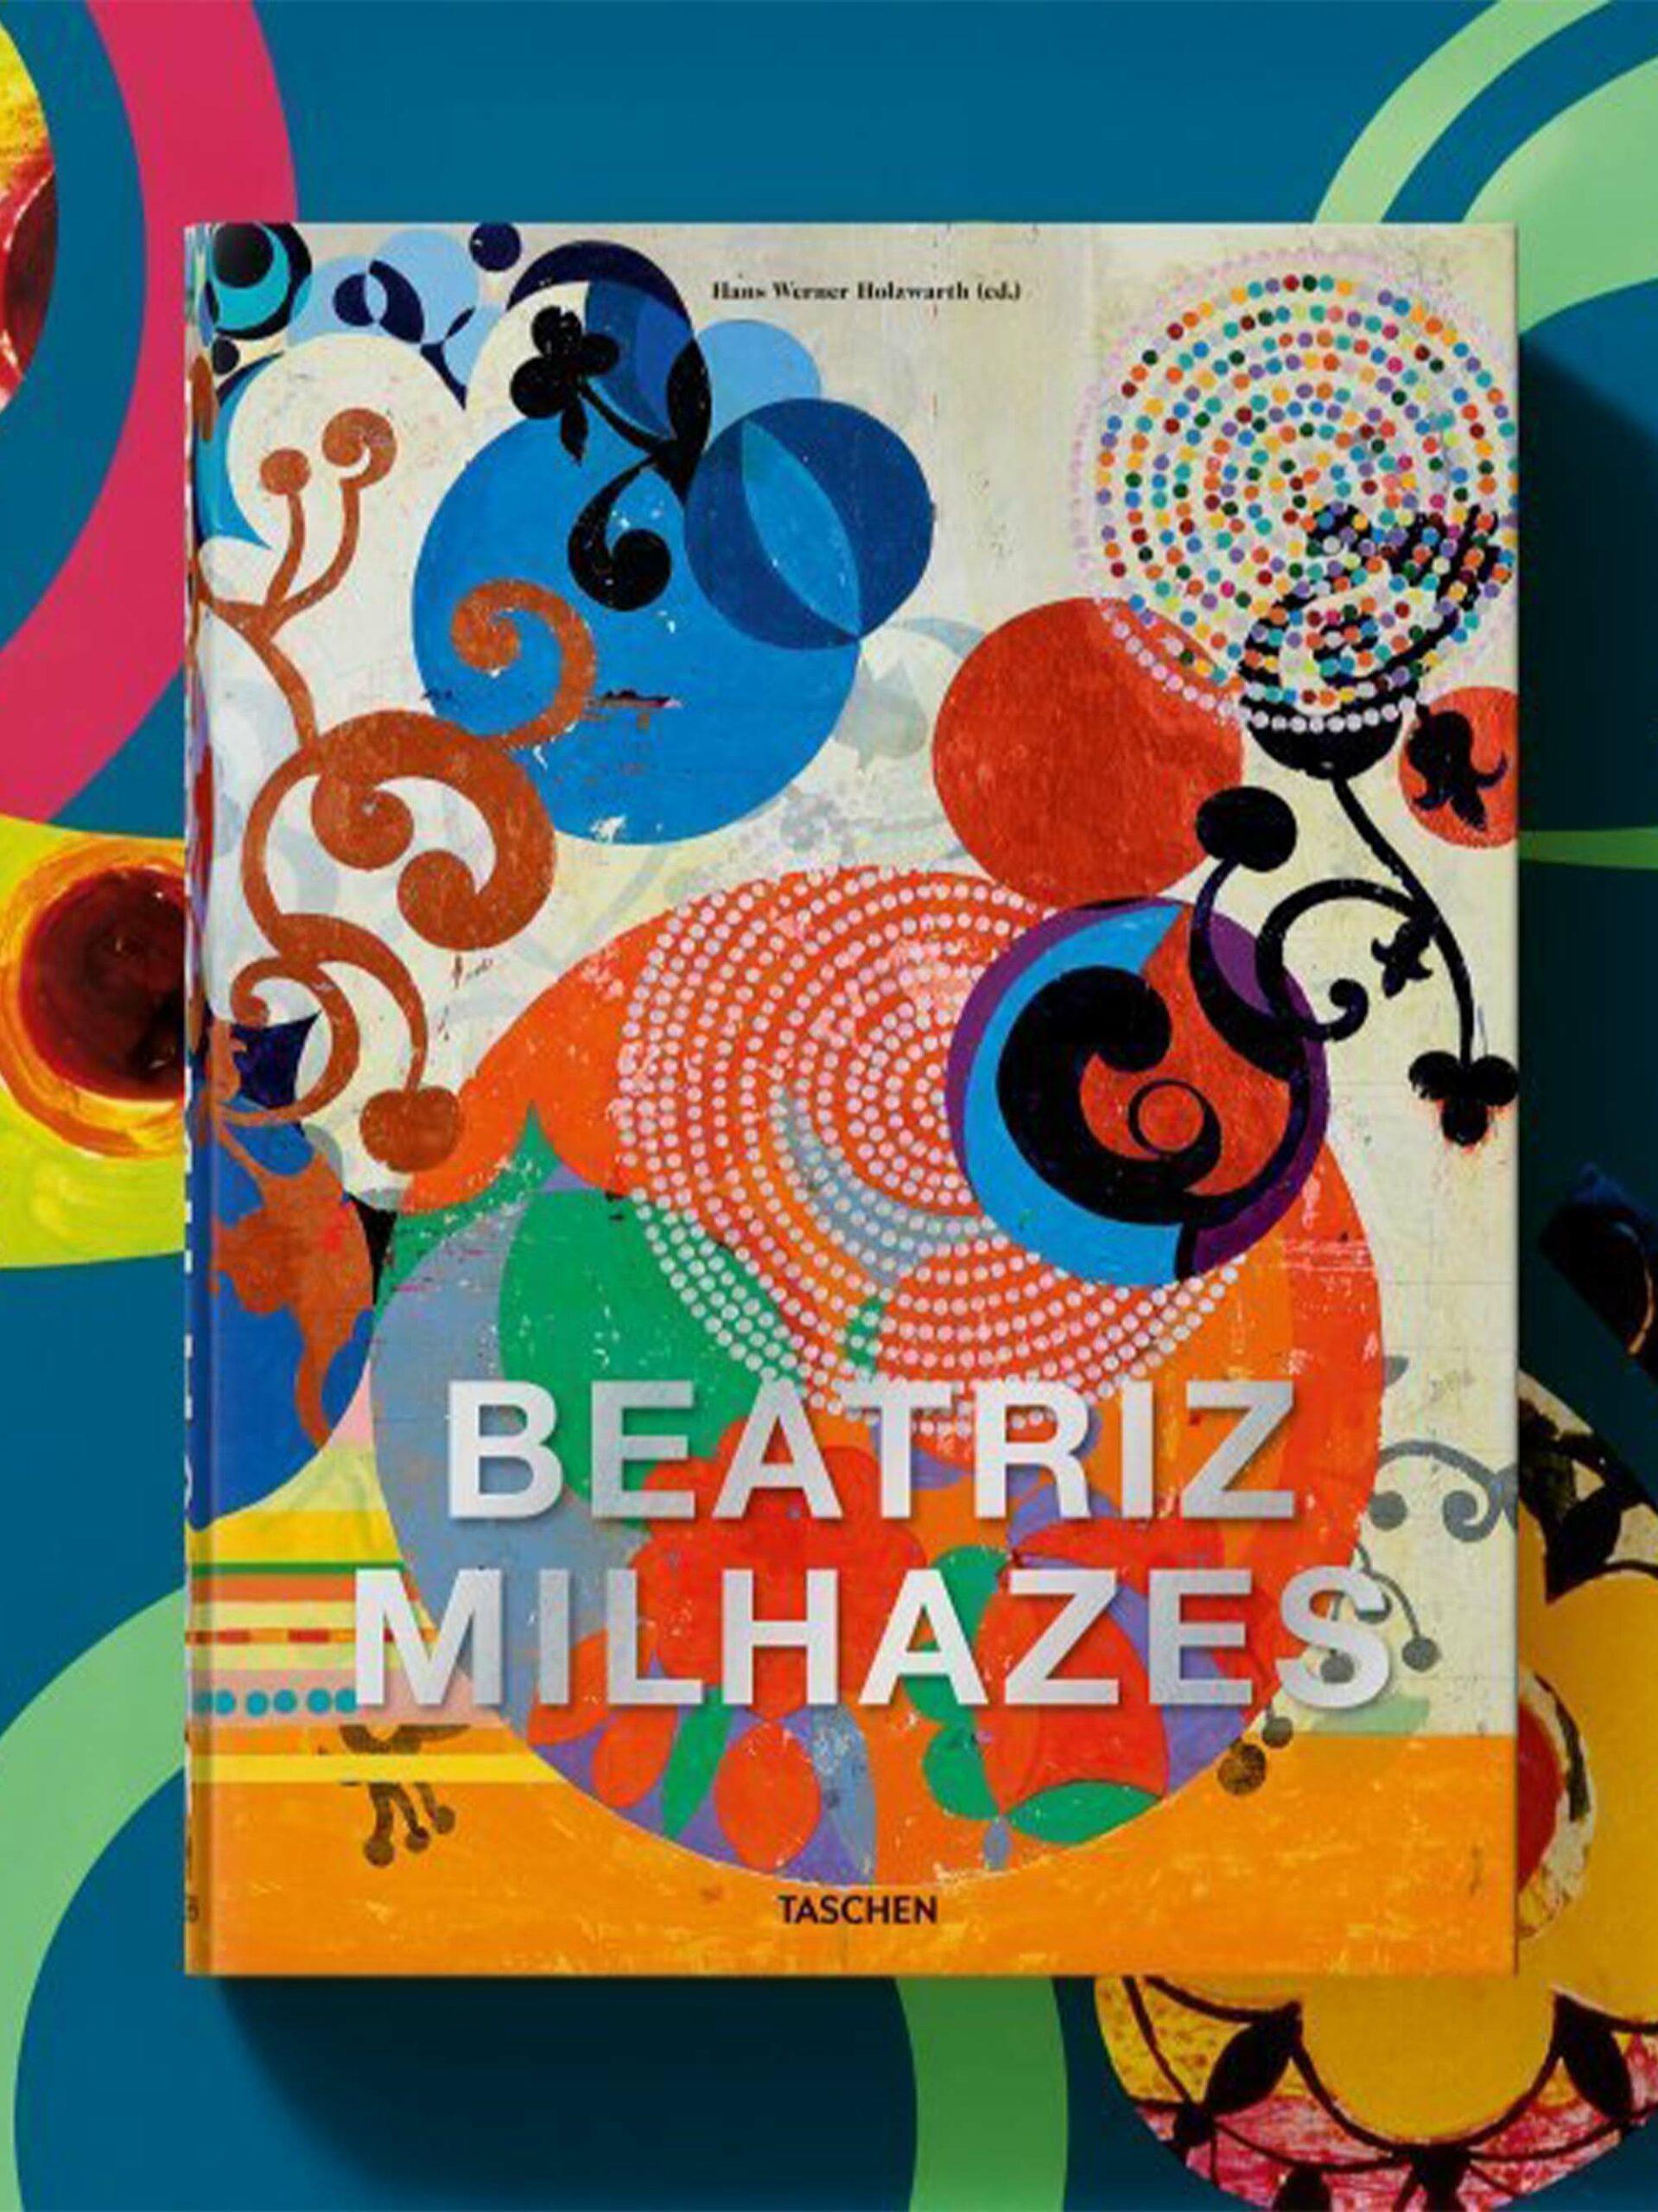 <p class='small-title'>TASCHEN</p>Beatriz Milhazes